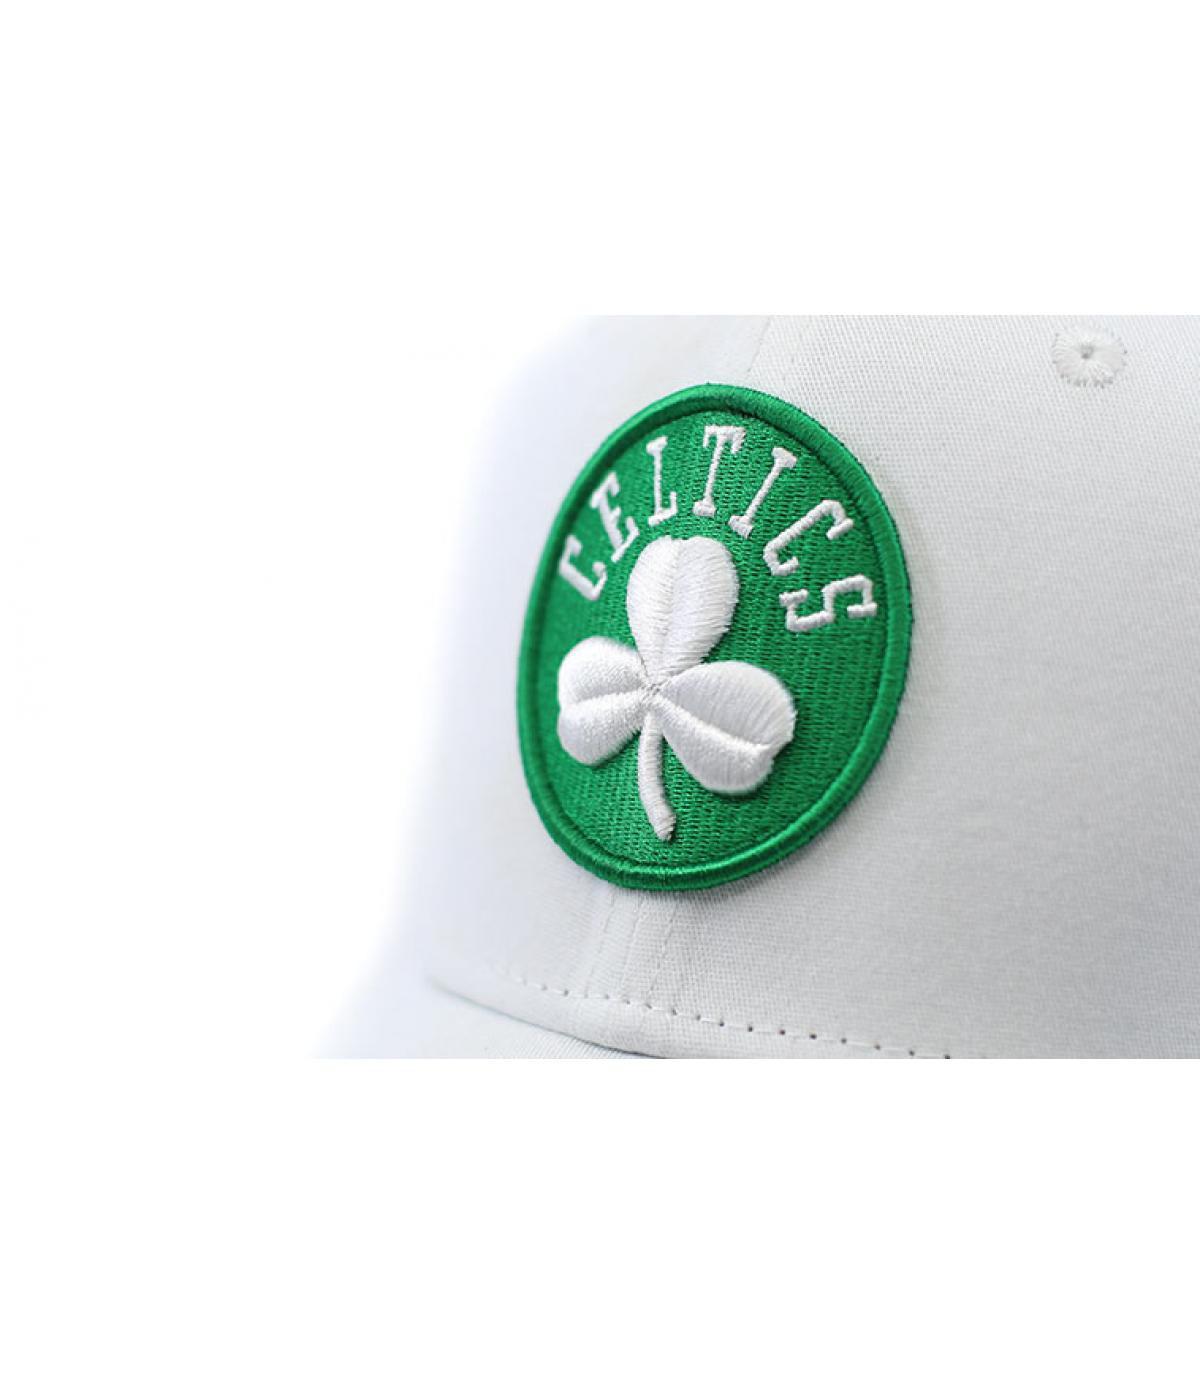 Détails Stretch Snap 9Fifty Celtics - image 3